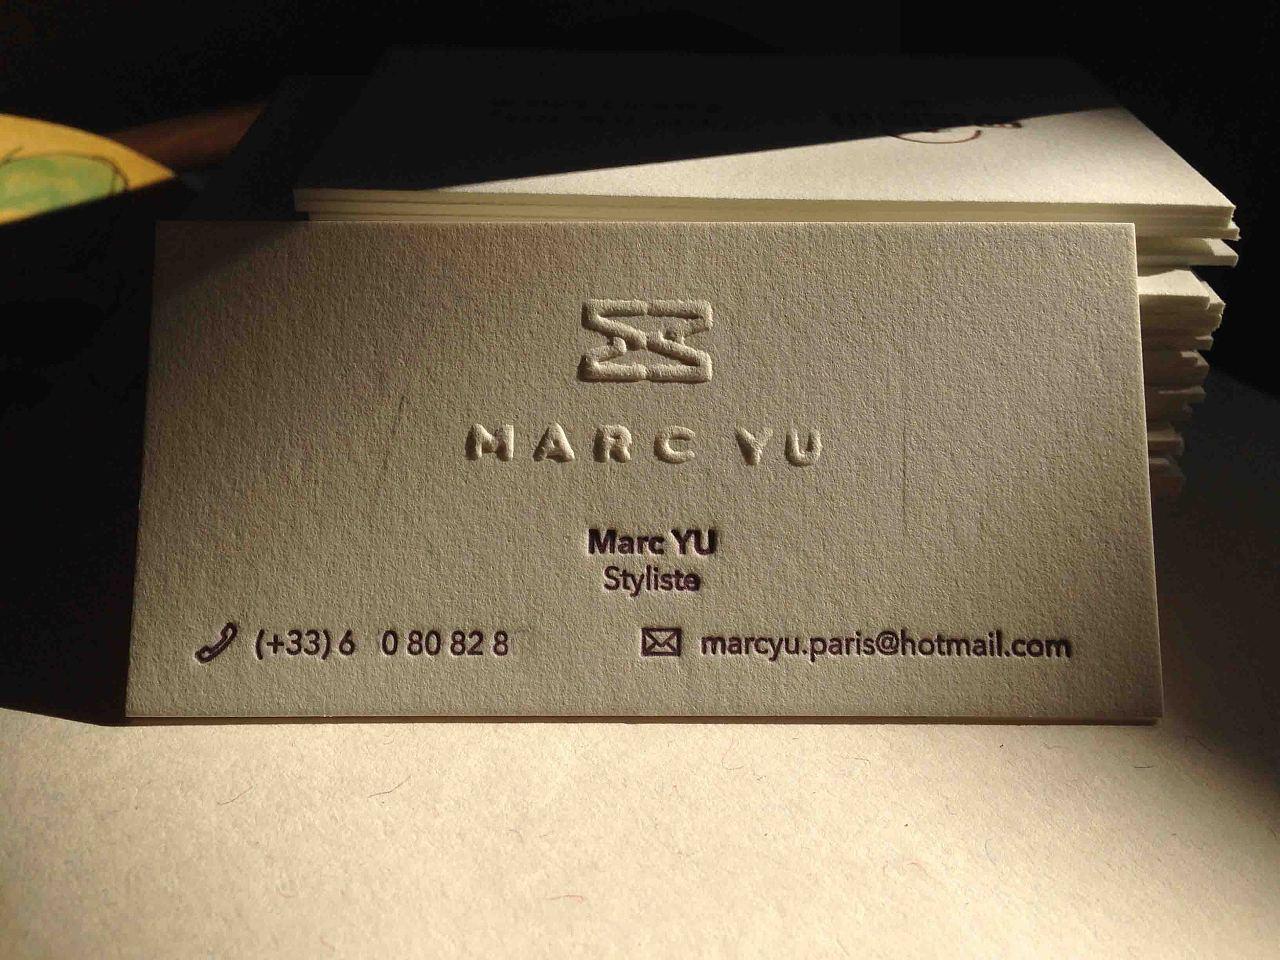 苏州名片印刷有限公司苏州名片设计